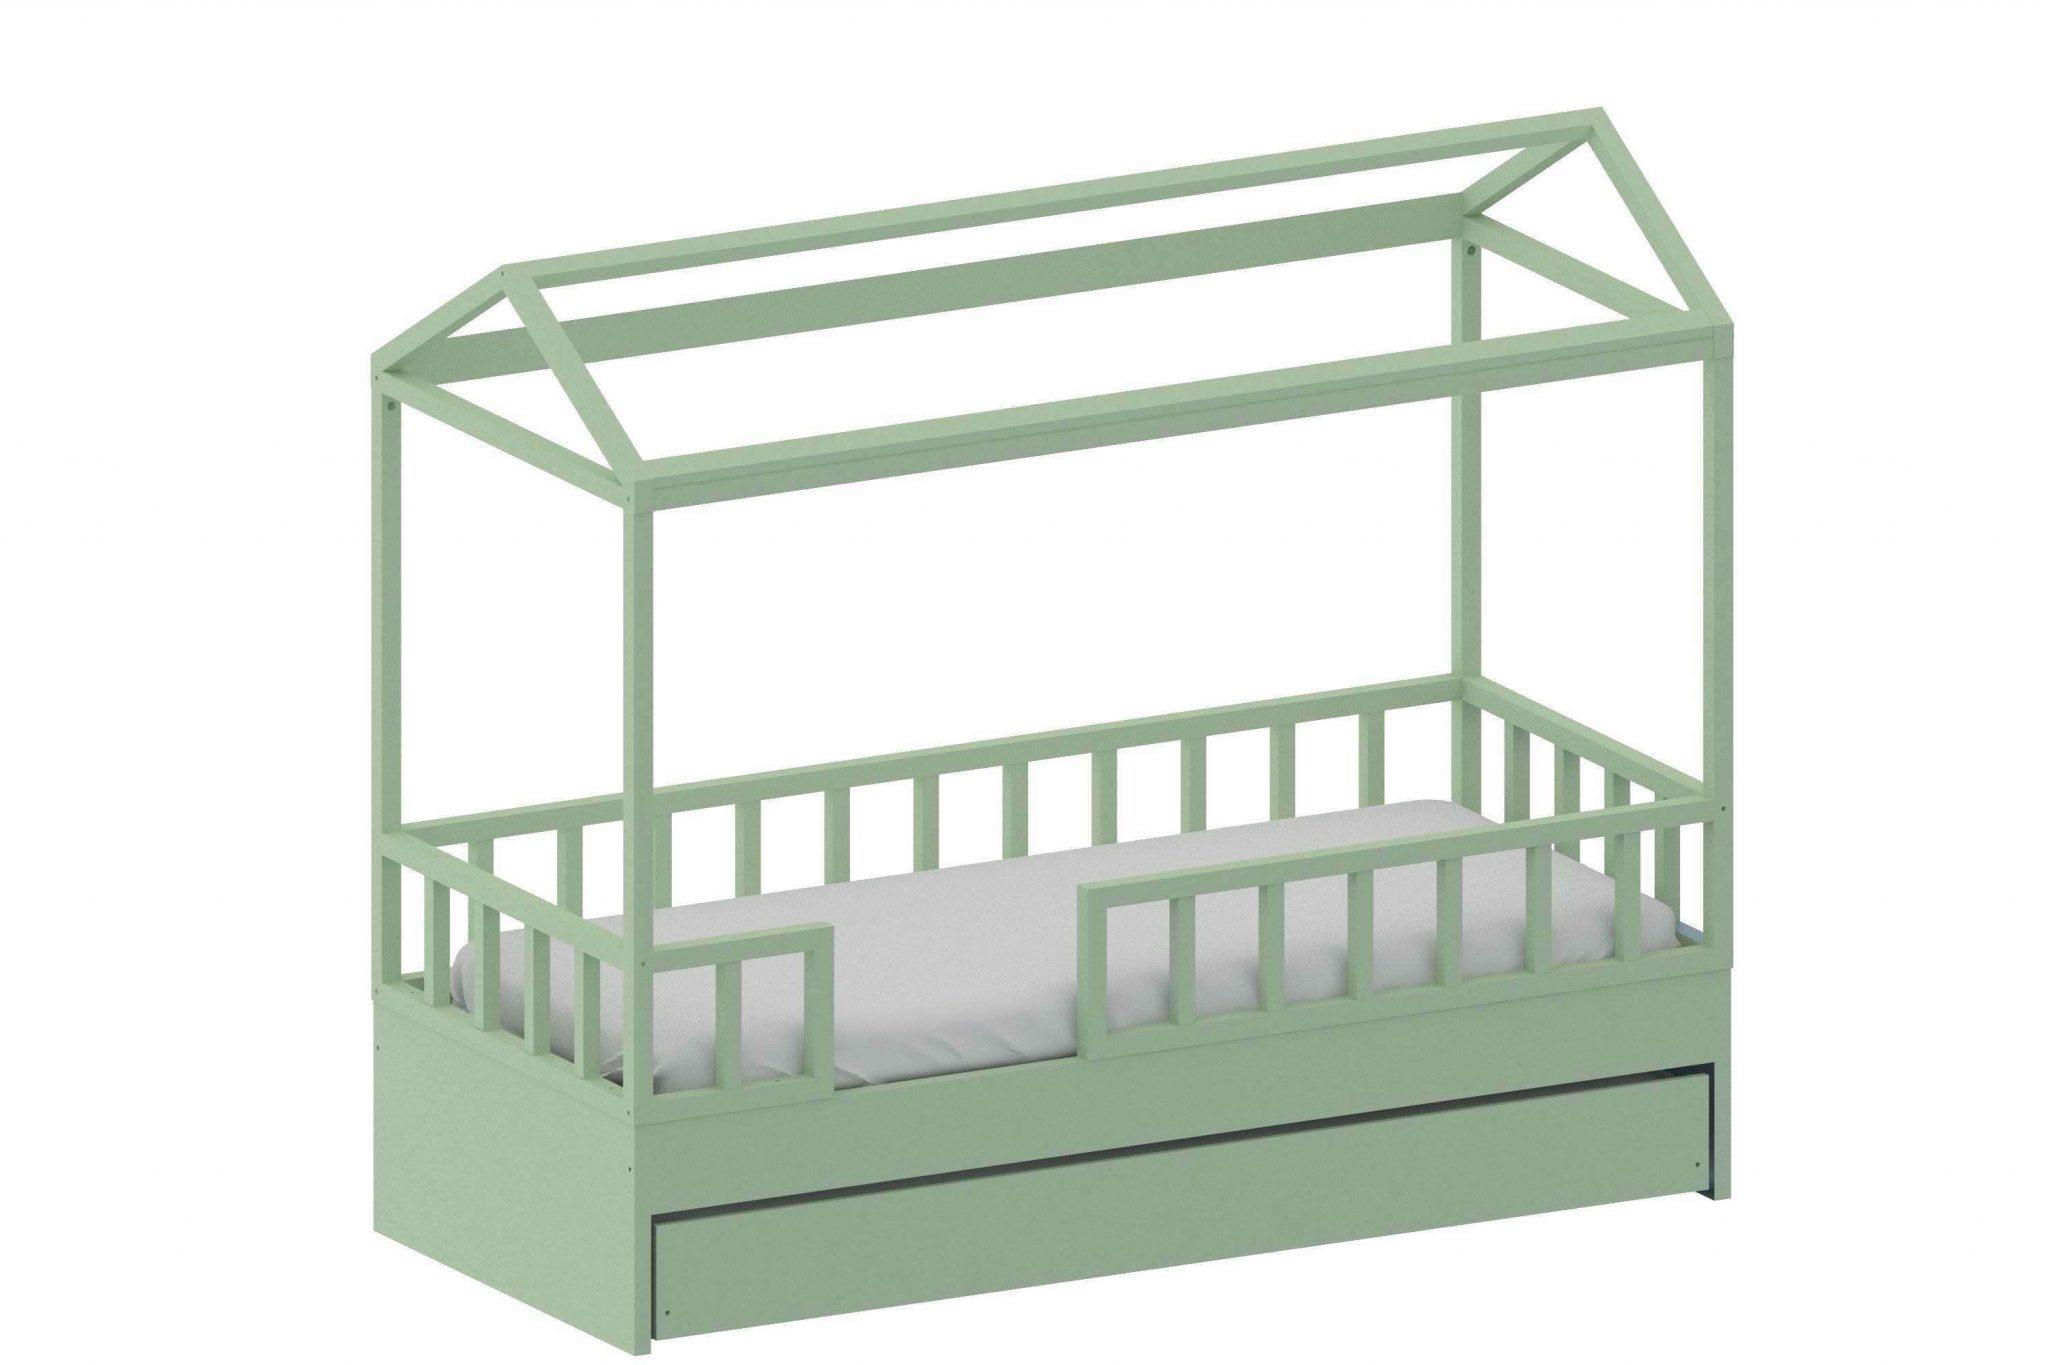 cama-casinha-com-auxiliar-v2-verde-2048x1365